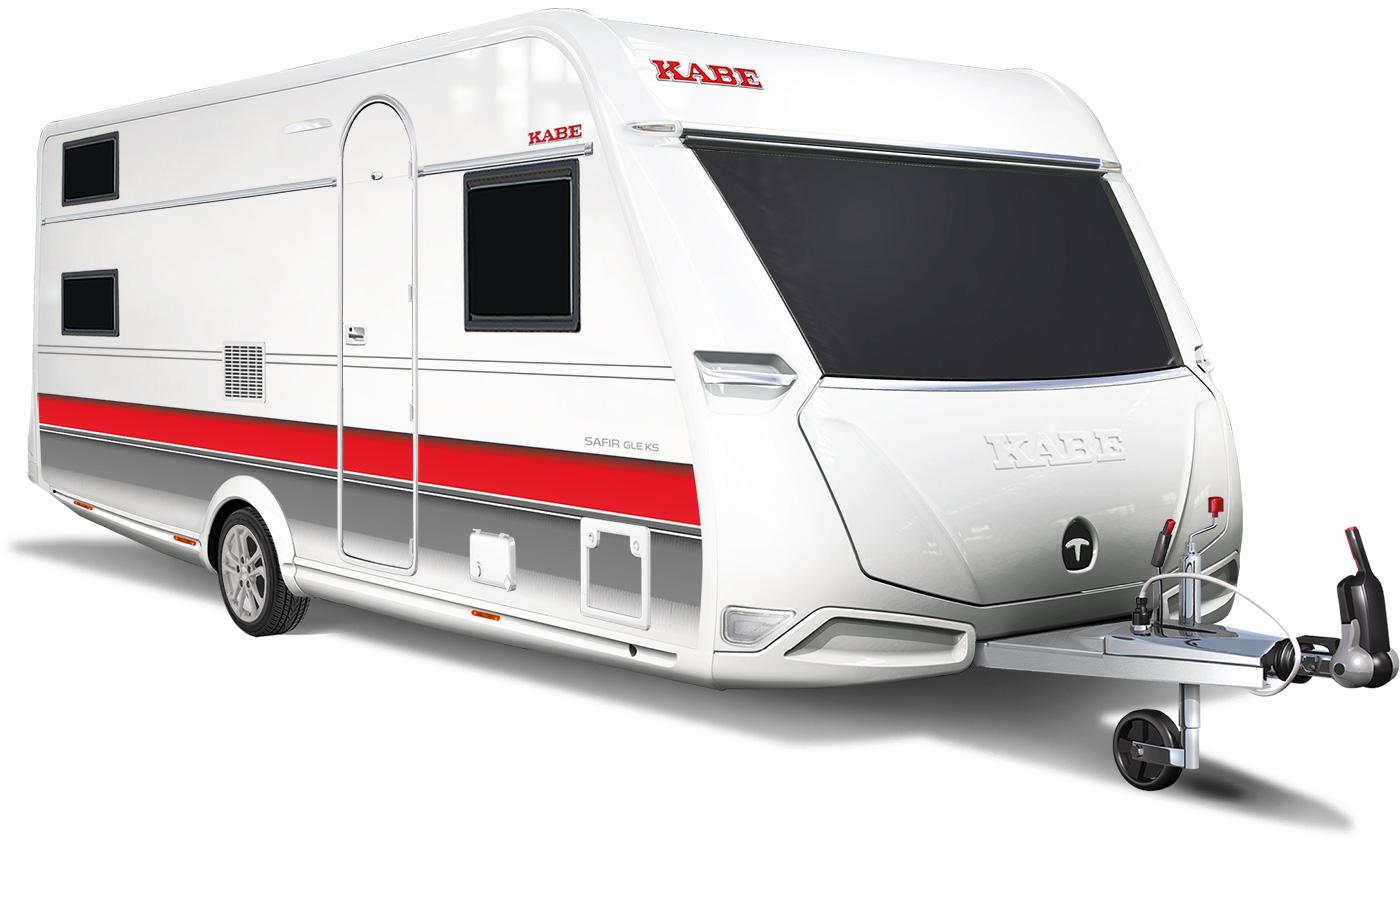 Kabe - Safir 600 GLE